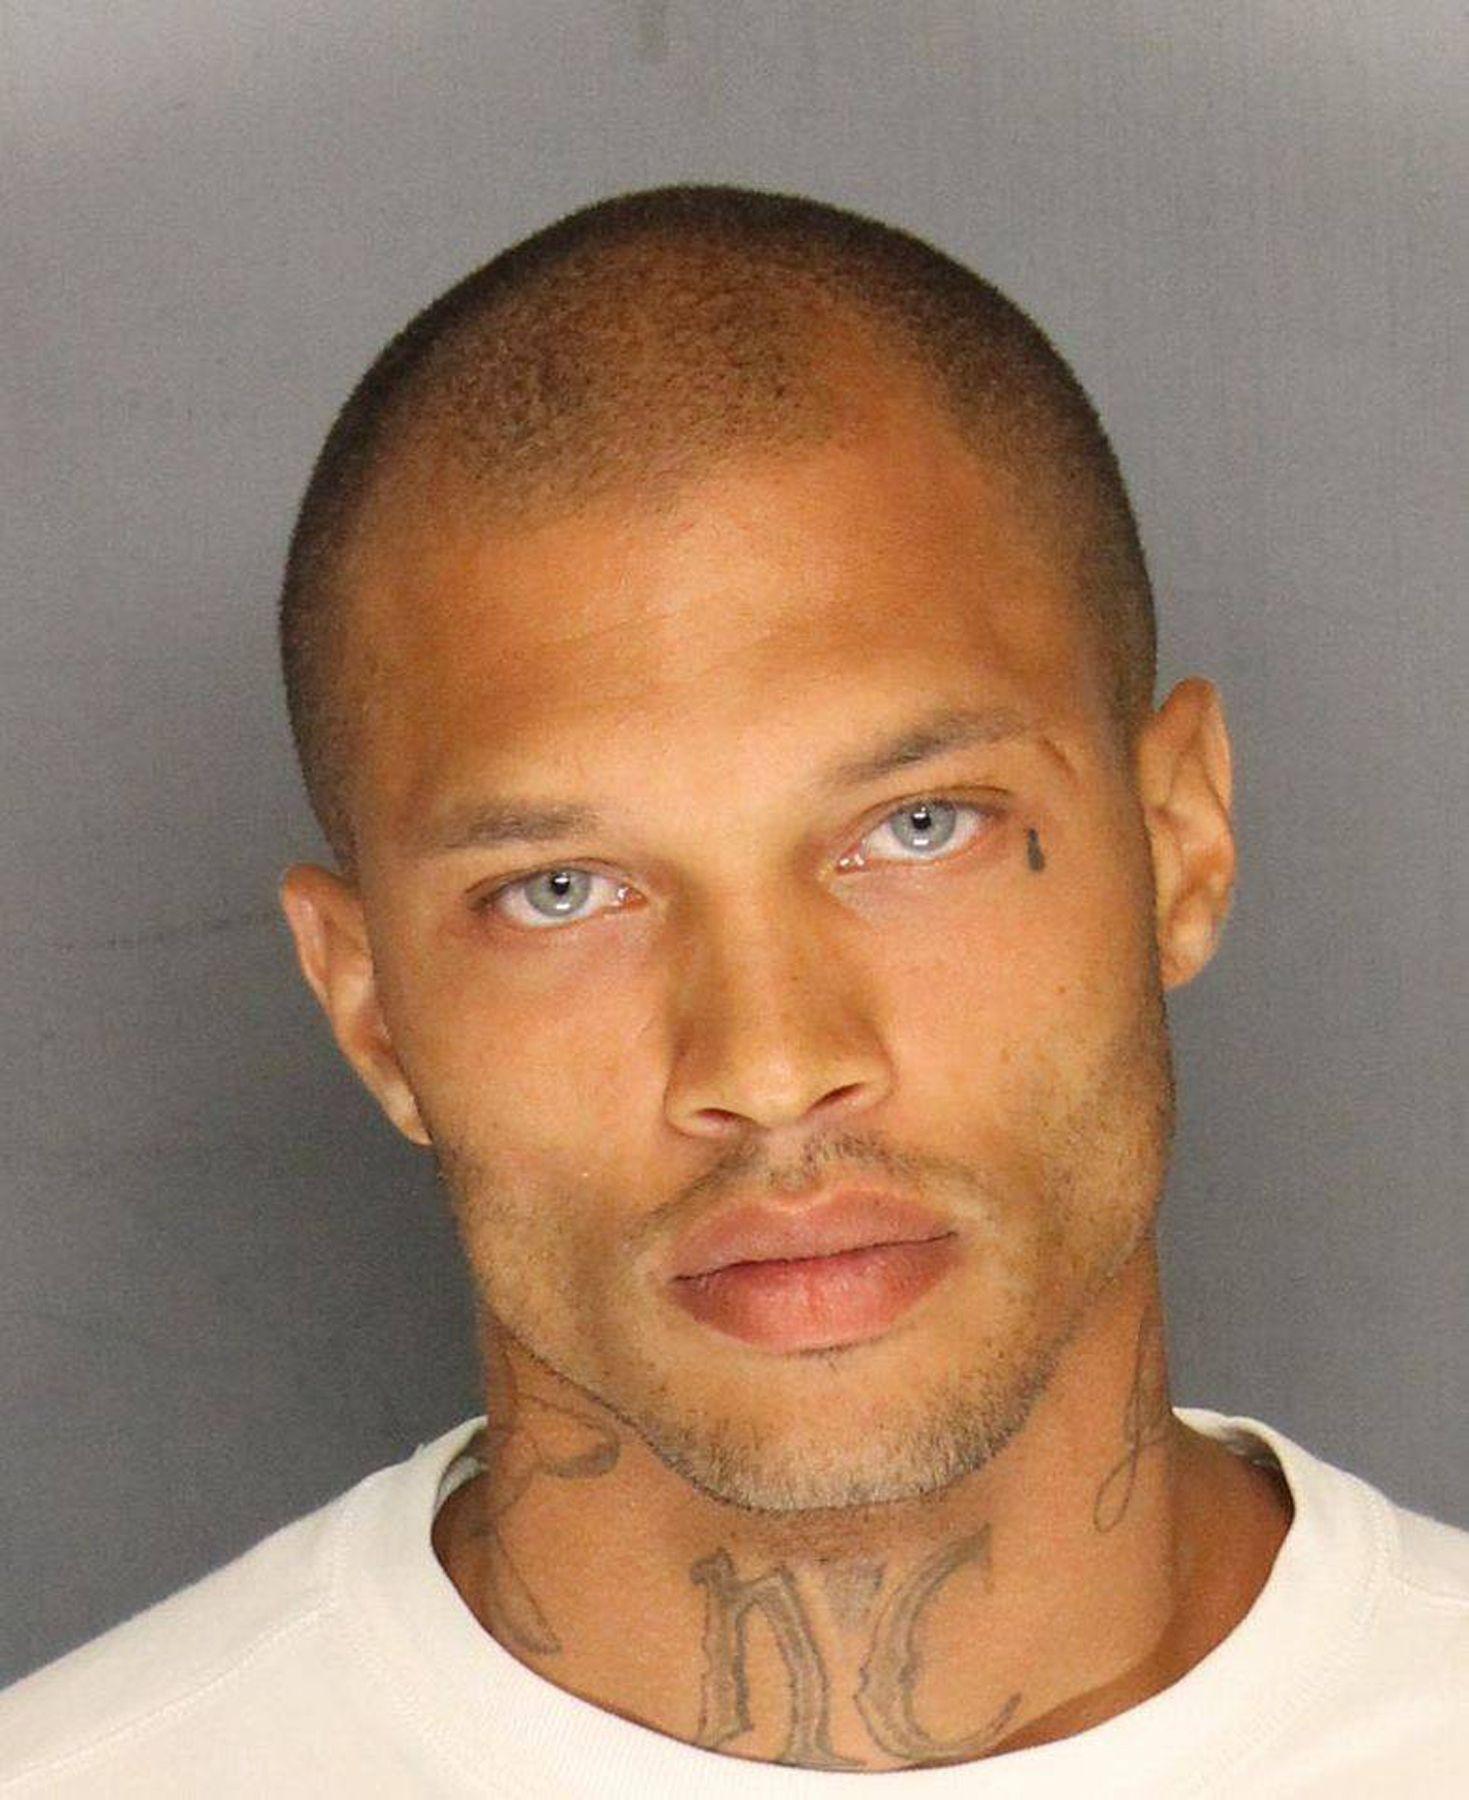 Best Mugshot EVER Nathan Henson was arrested 5 months ago on